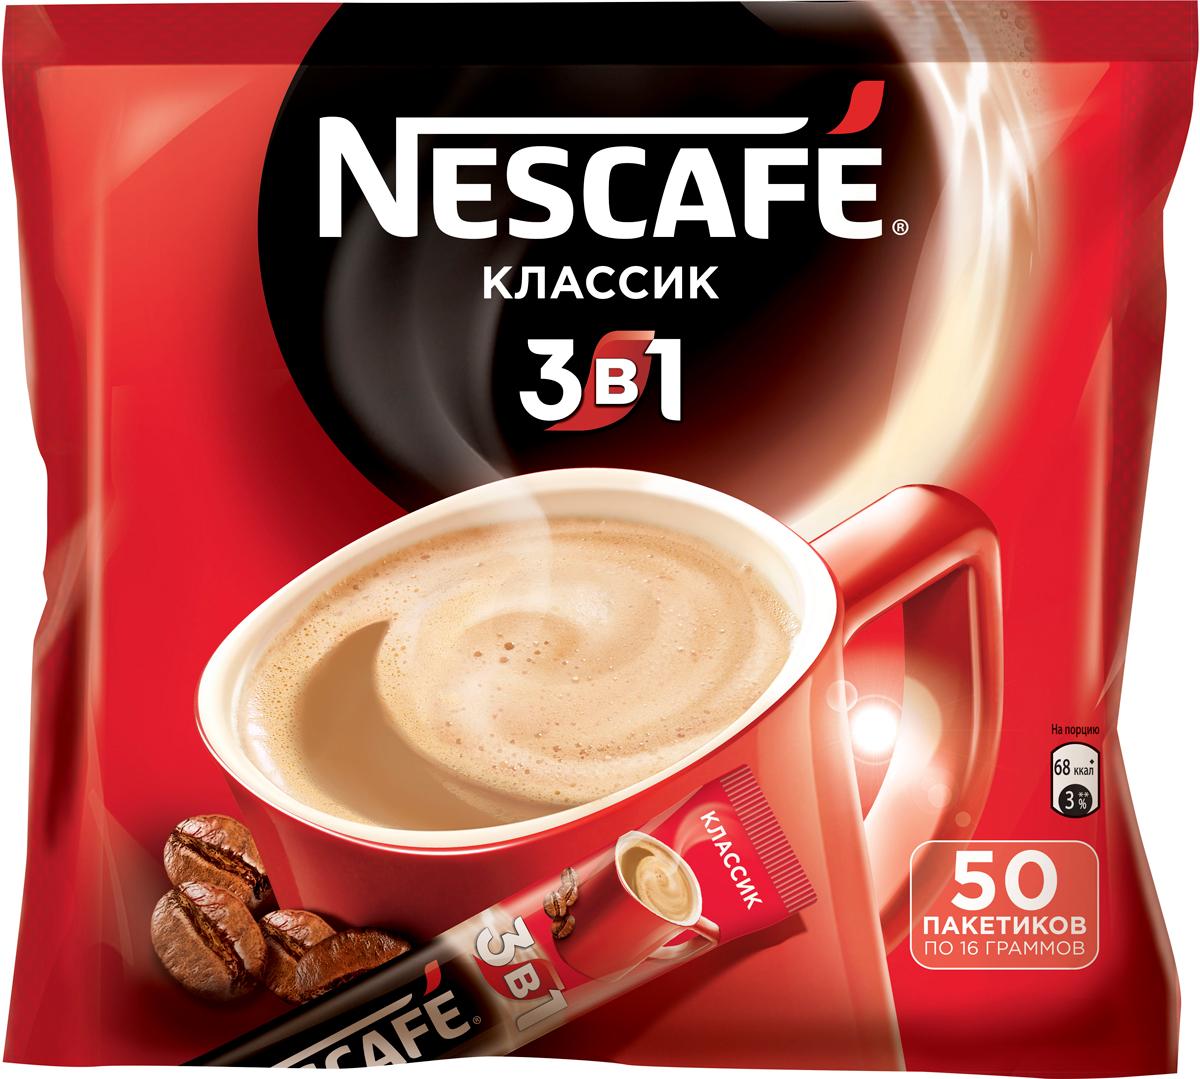 Nescafe 3 в 1 Классик кофе растворимый, 50 шт кофейный напиток nescafe 3 в 1 мягкий сливочный вкус порционный